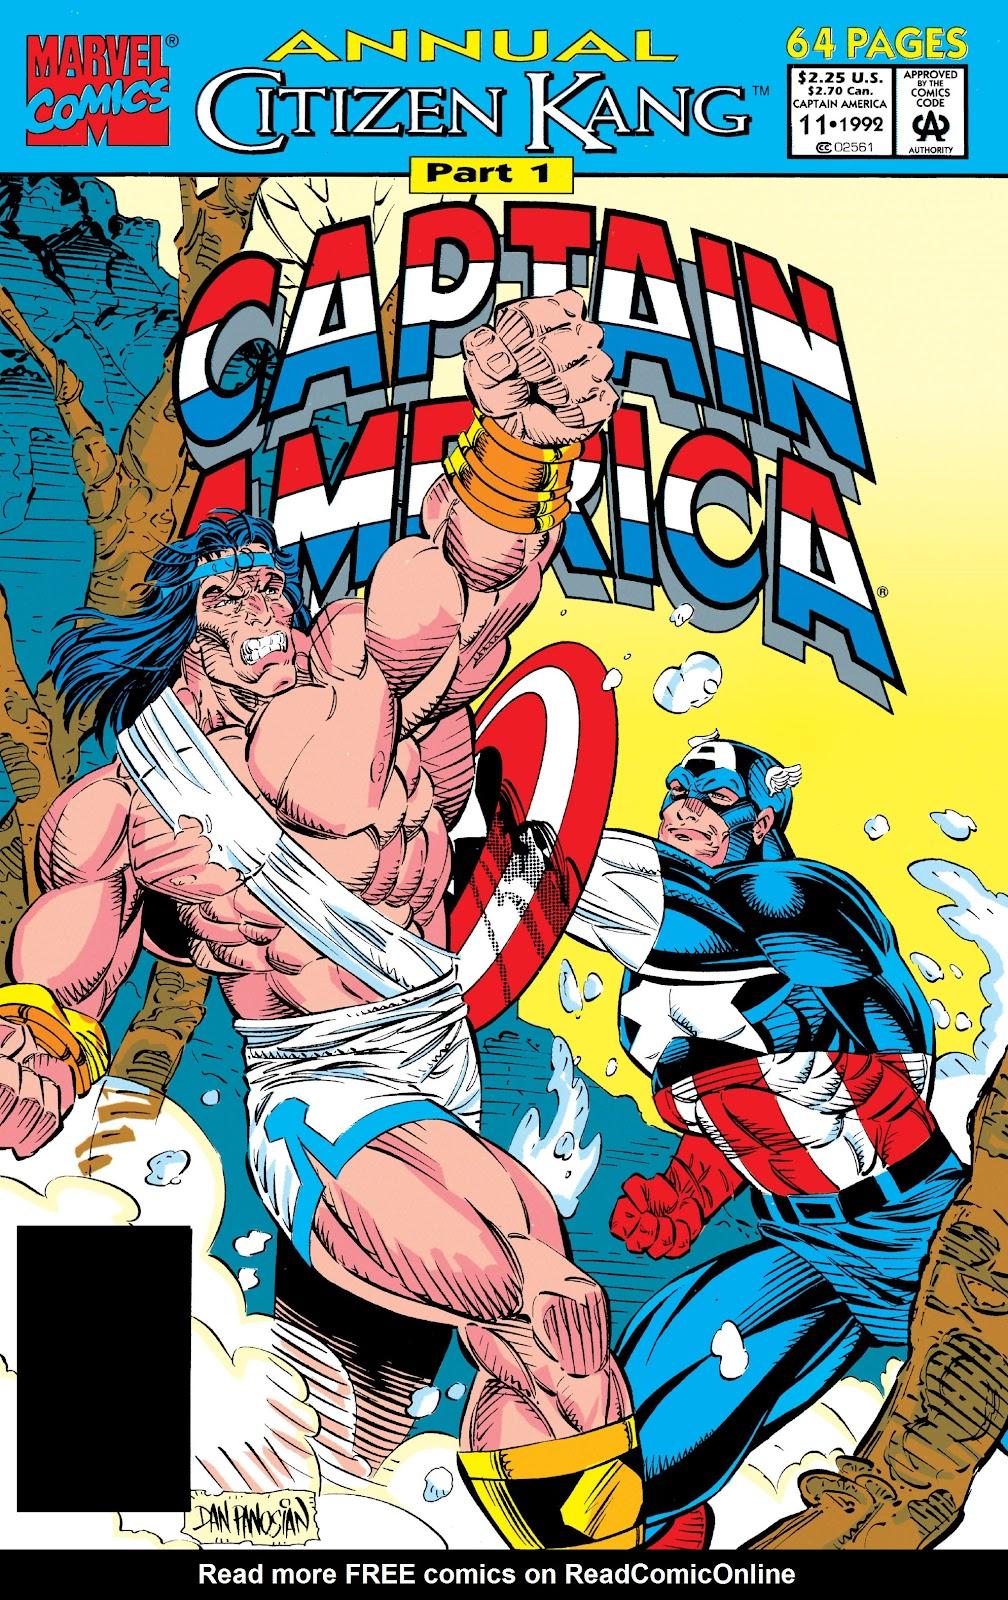 Read online Avengers: Citizen Kang comic -  Issue # TPB (Part 1) - 3